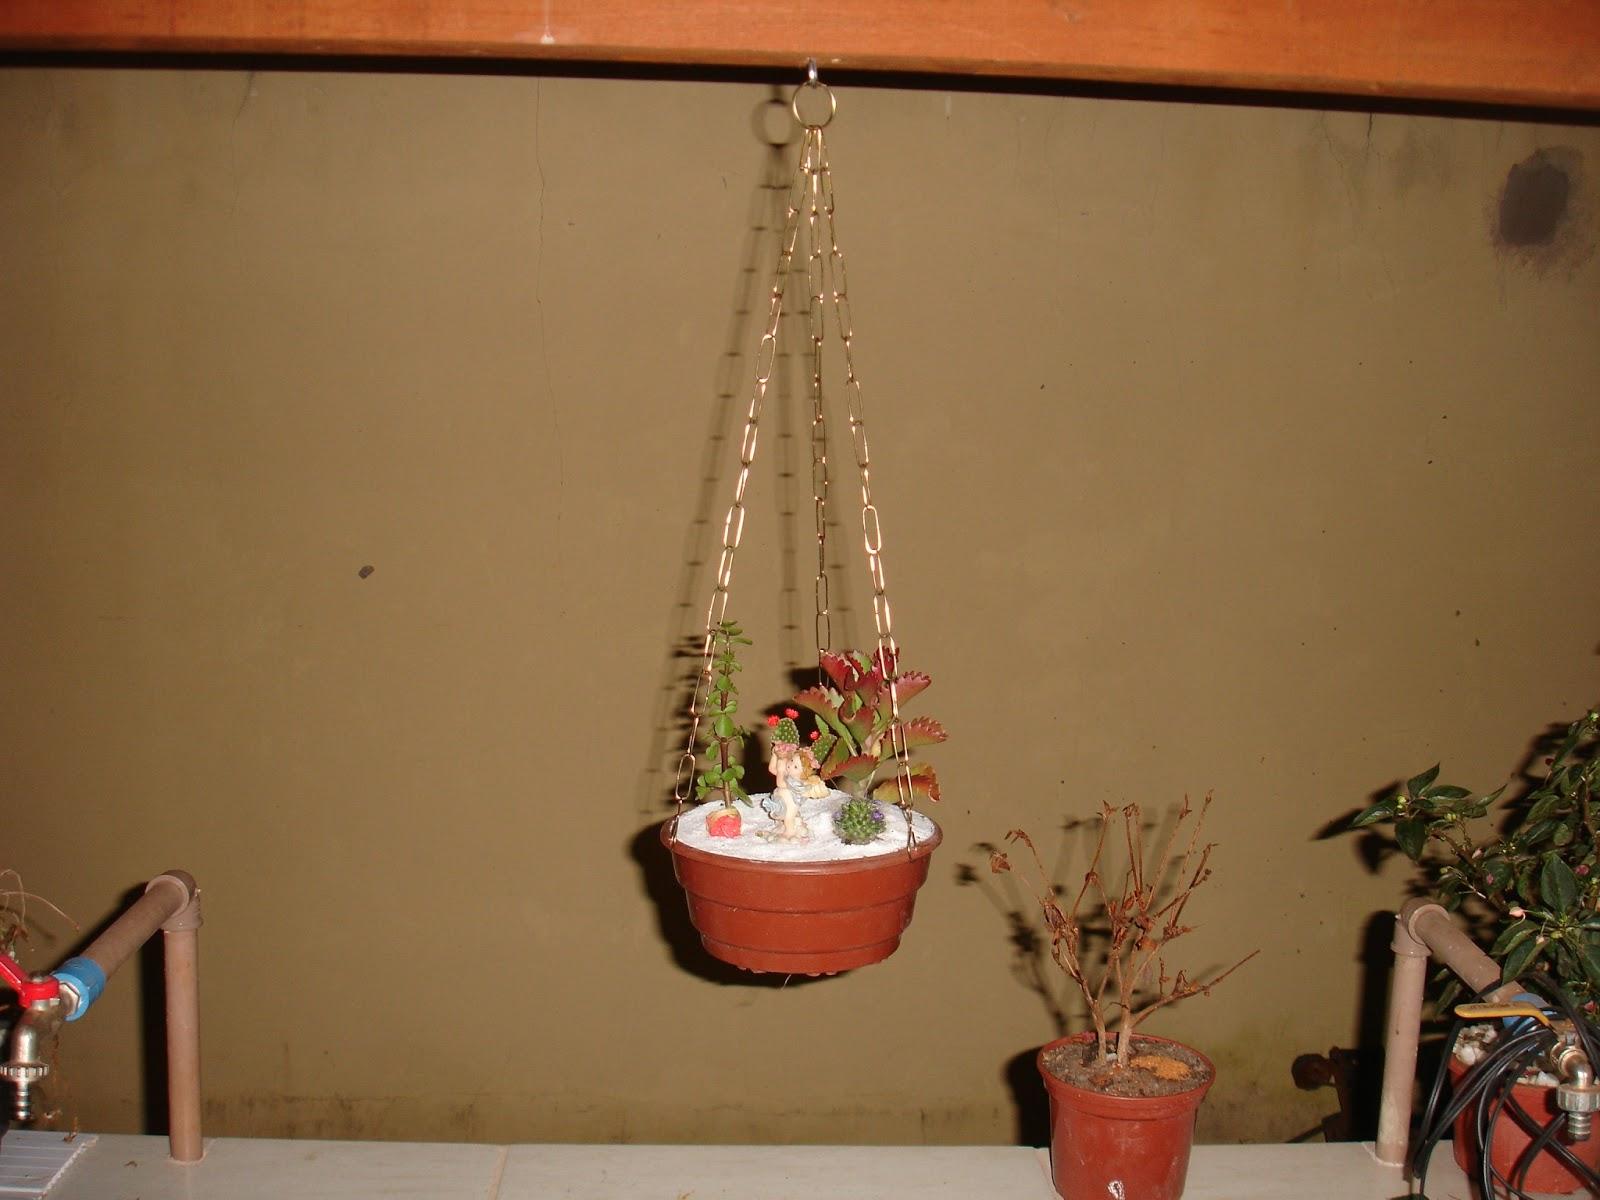 mini jardim cactos suculentas : mini jardim cactos suculentas: com Cactos e Suculentas.: Mini Jardim Suspenso de Cactos e Suculenta